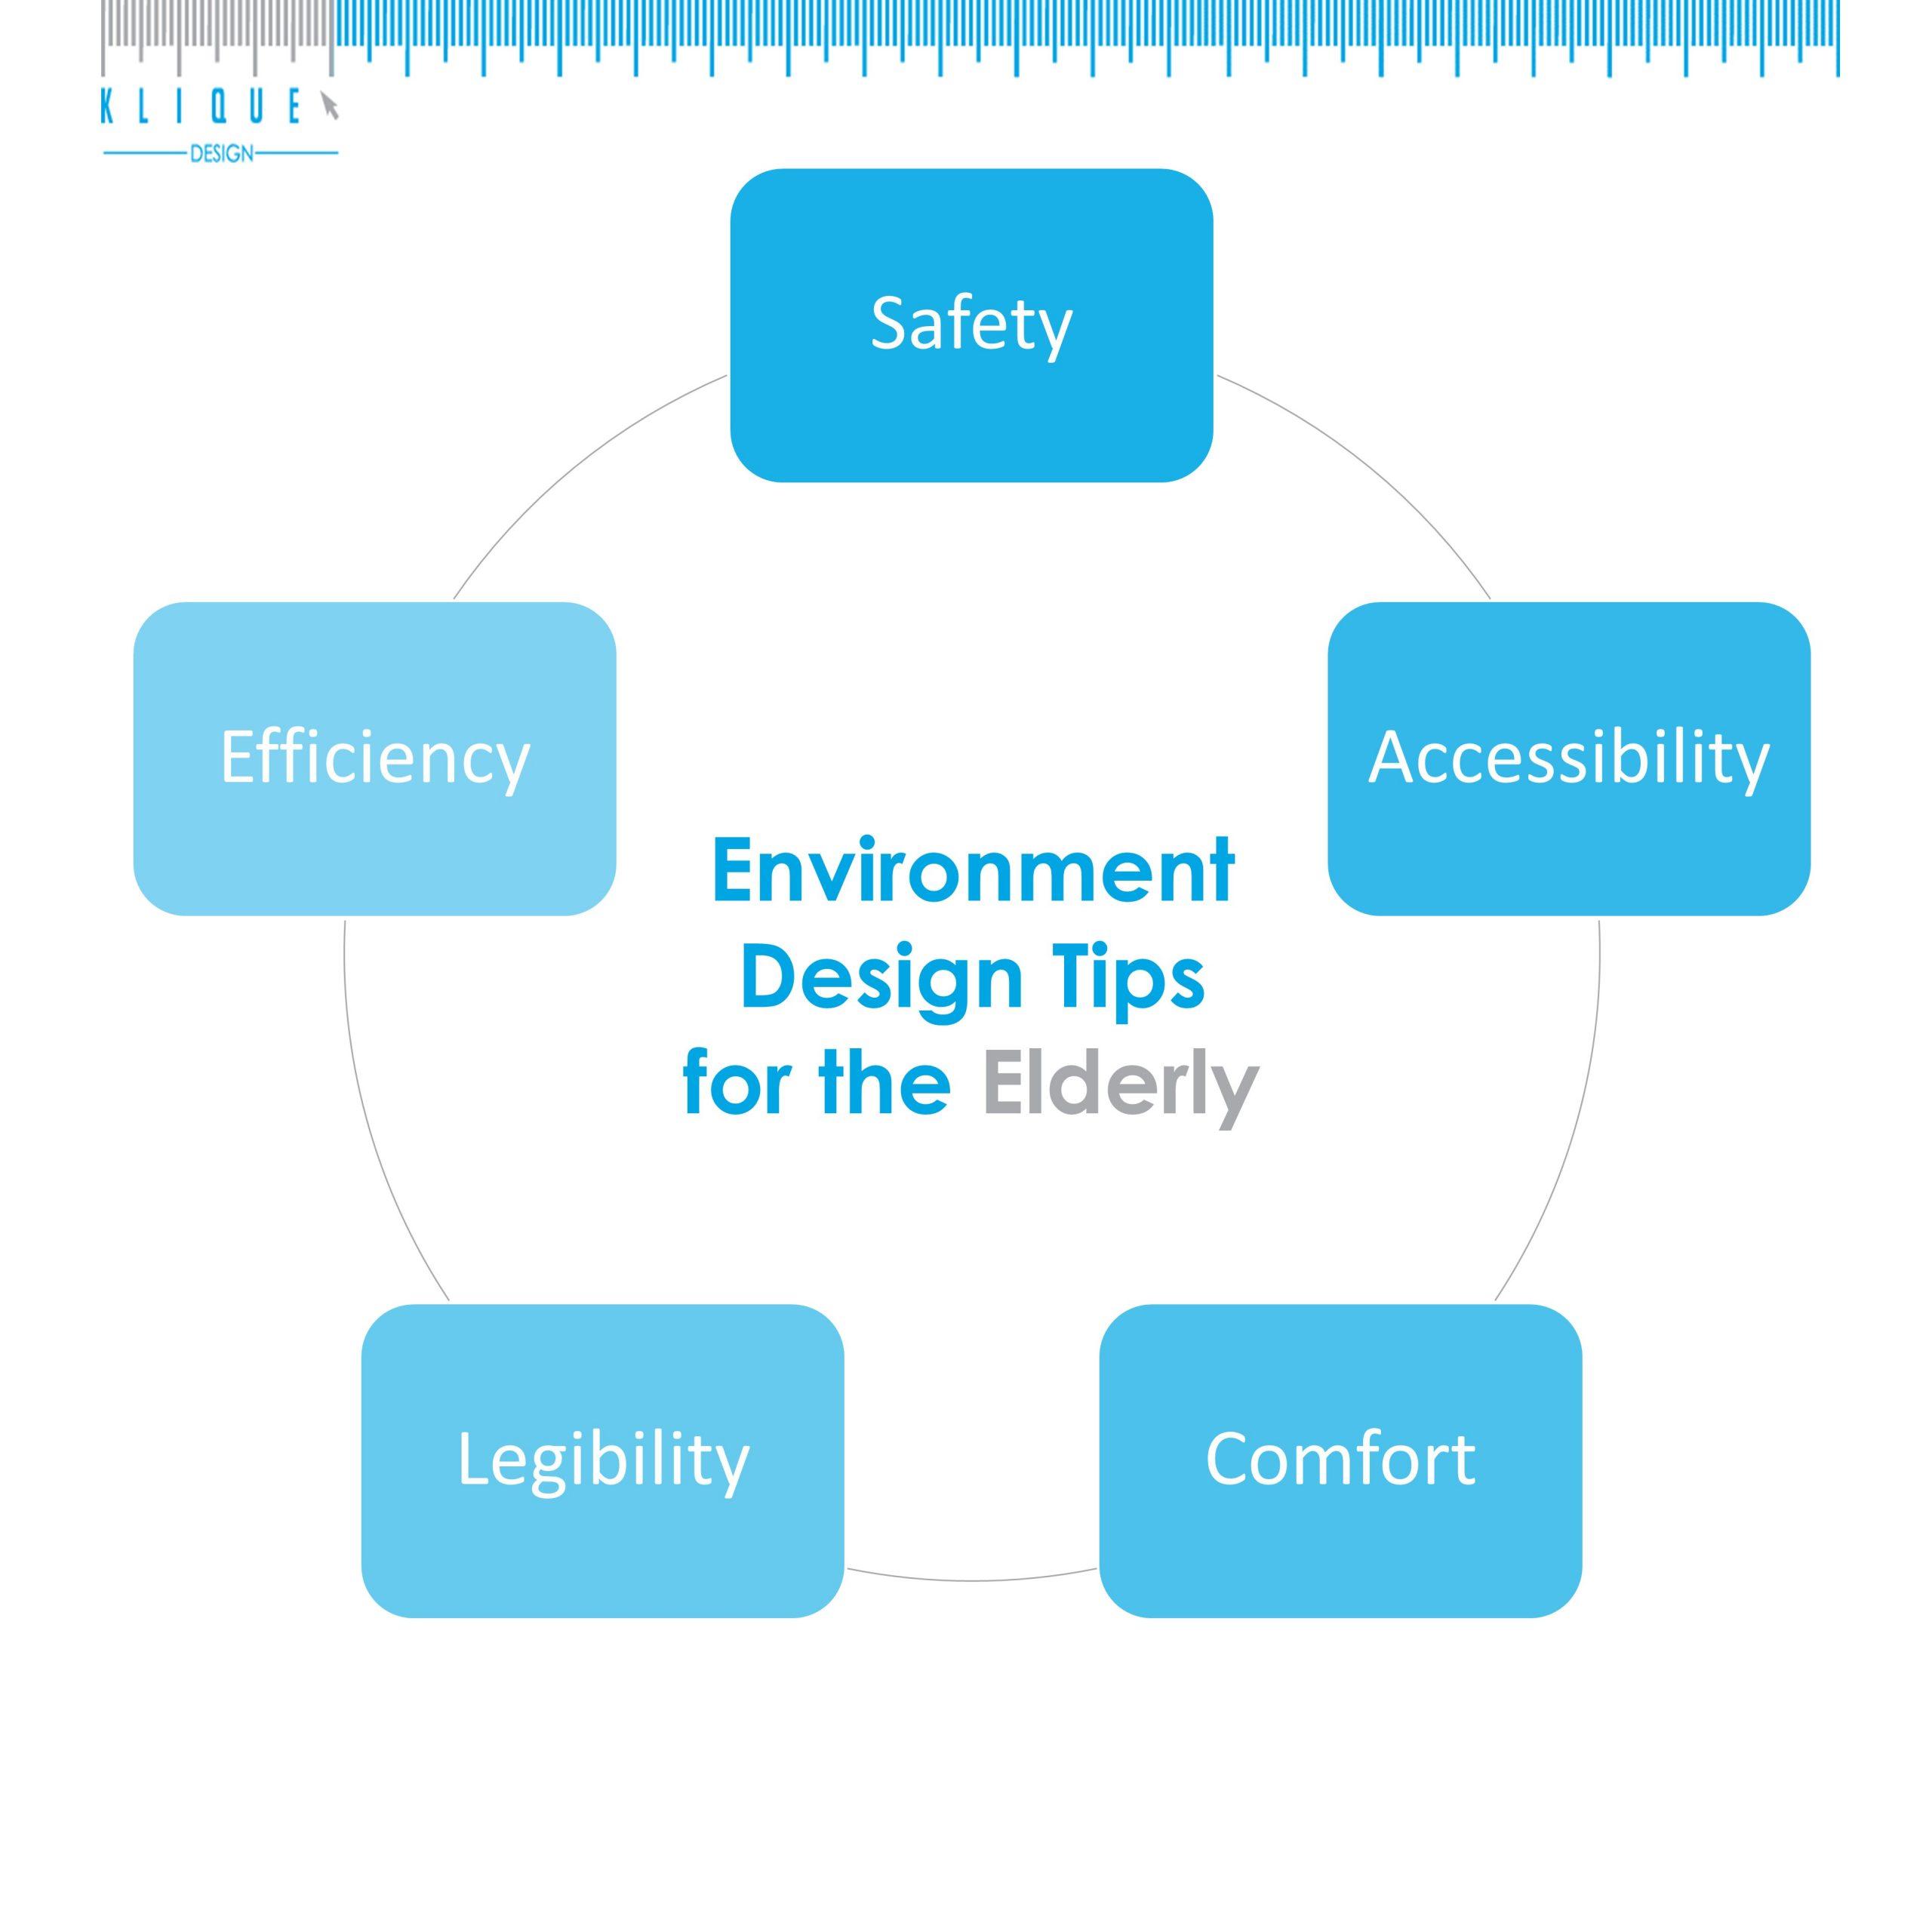 Environment Design Tips for the Elderly